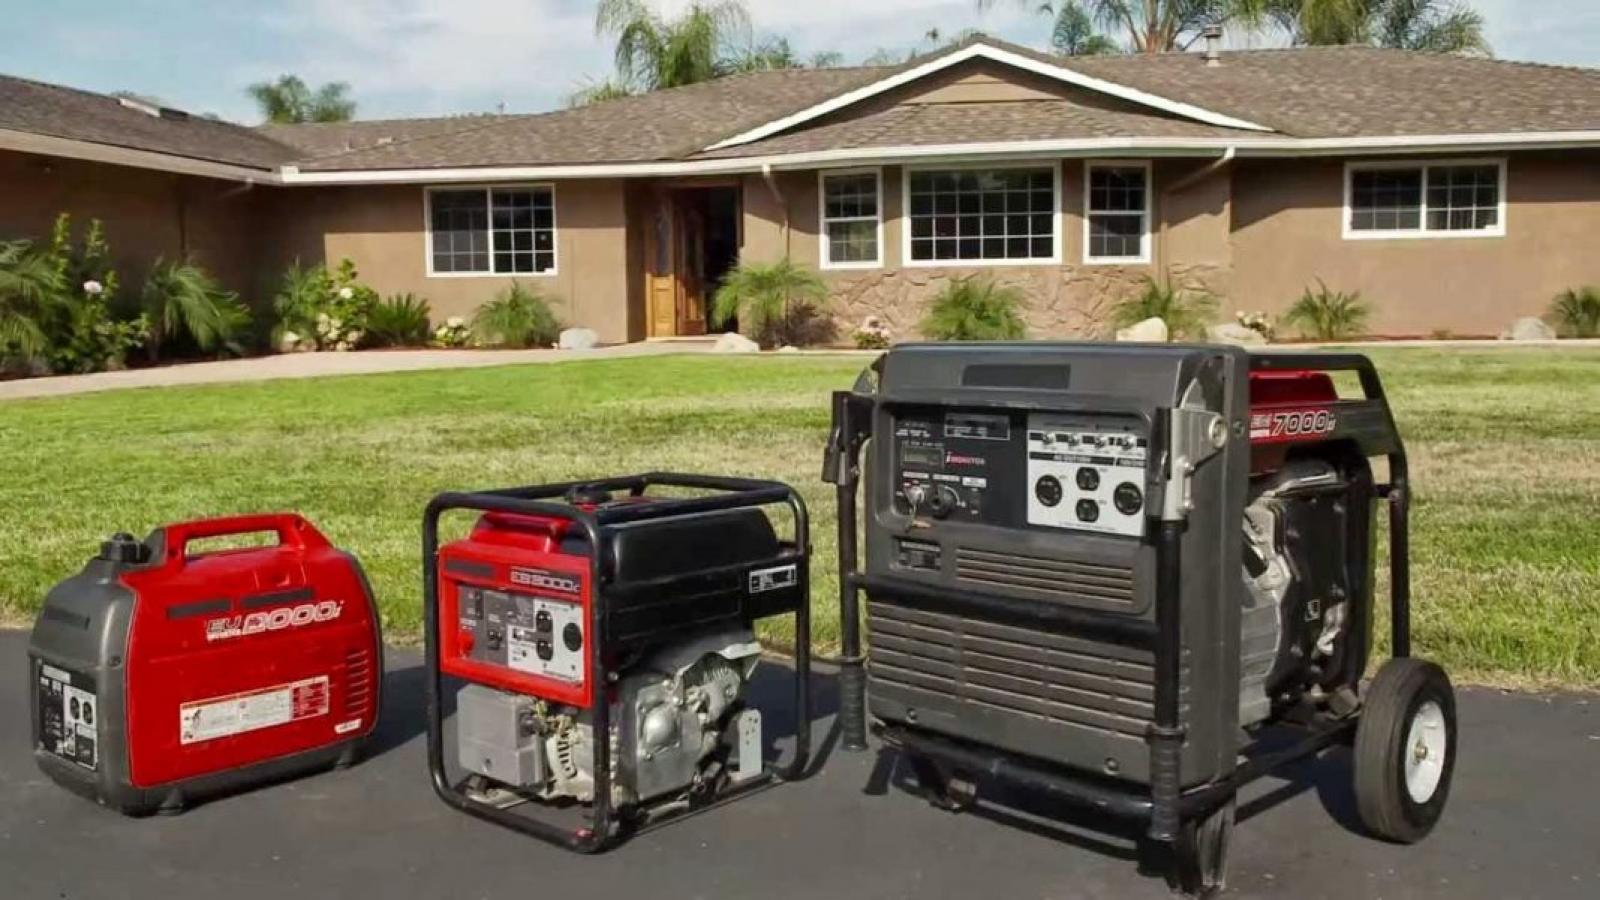 Электрогенераторы для бизнеса как выбрать лучшую модель